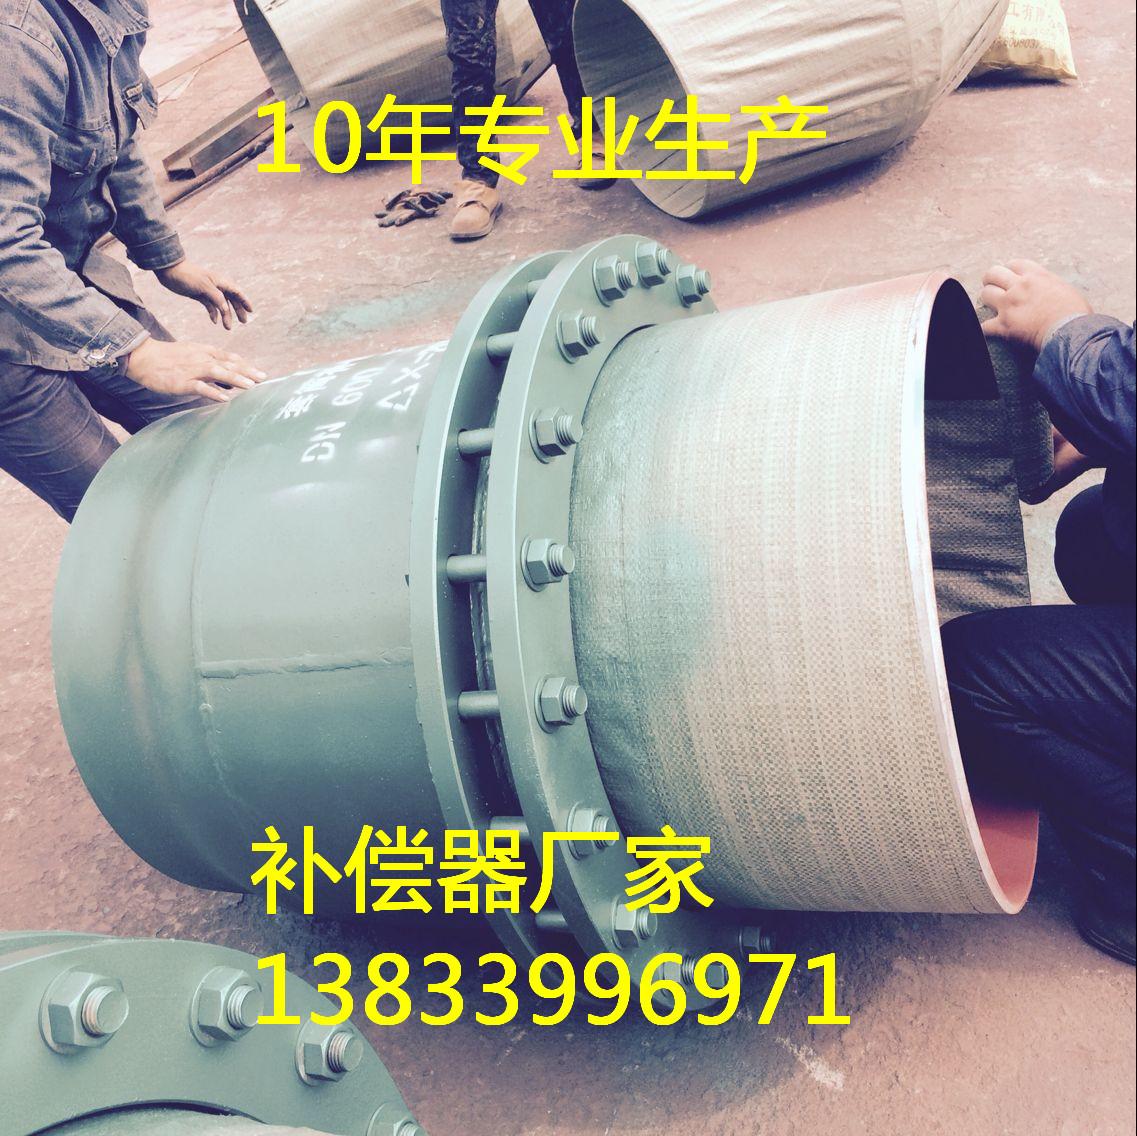 小区供热套筒补偿器DN250 管道埋地套筒补偿器 批发套筒补偿器价格低